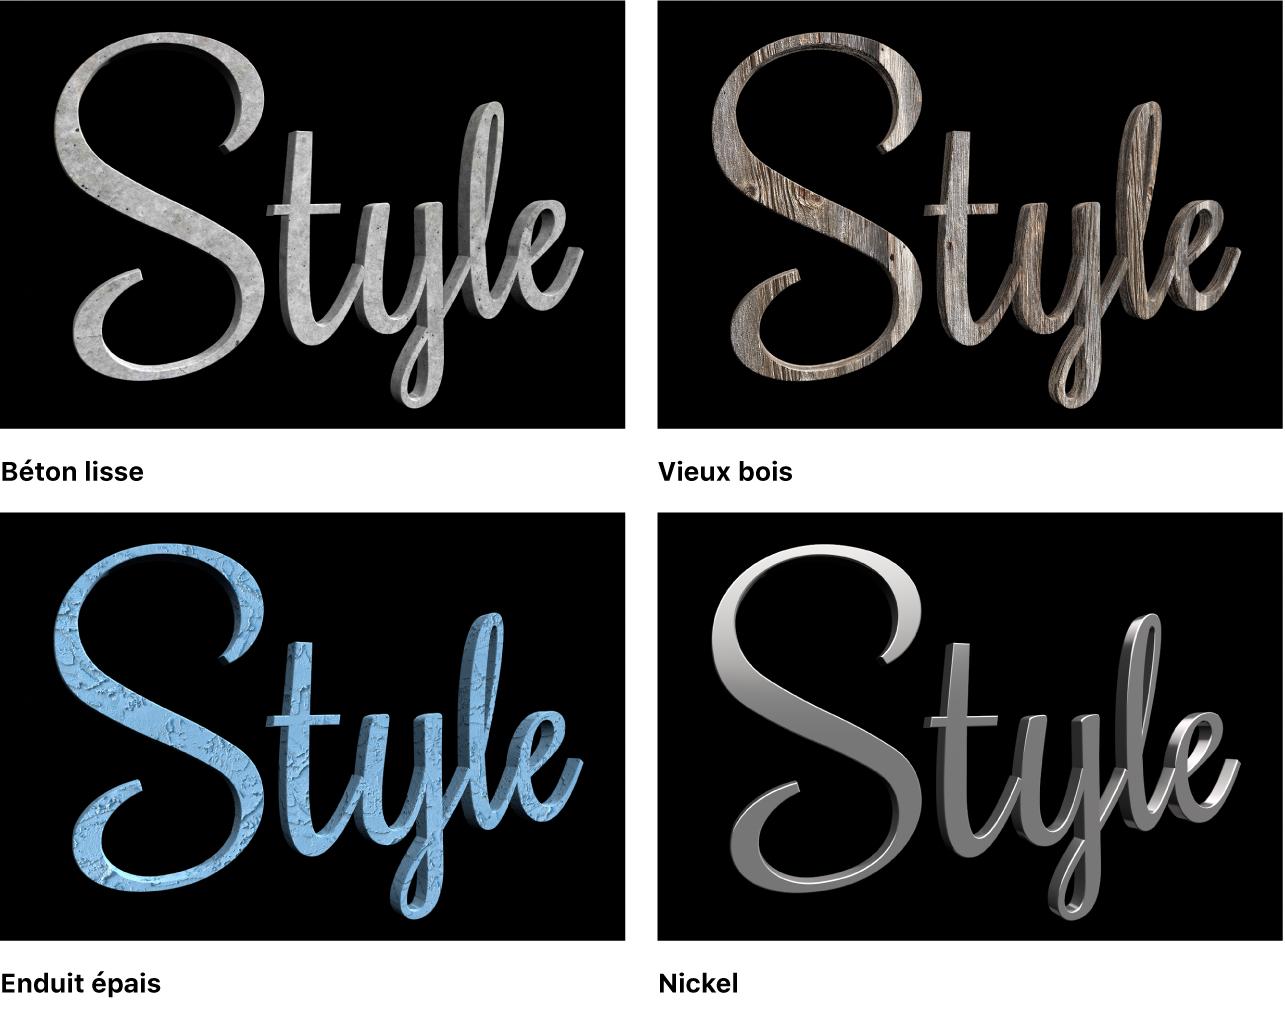 Visualiseur affichant quatre versions d'un titre 3D correspondant à l'application de différents matériaux prédéfinis: Béton lisse, Vieux bois, Enduit épais et Nickel